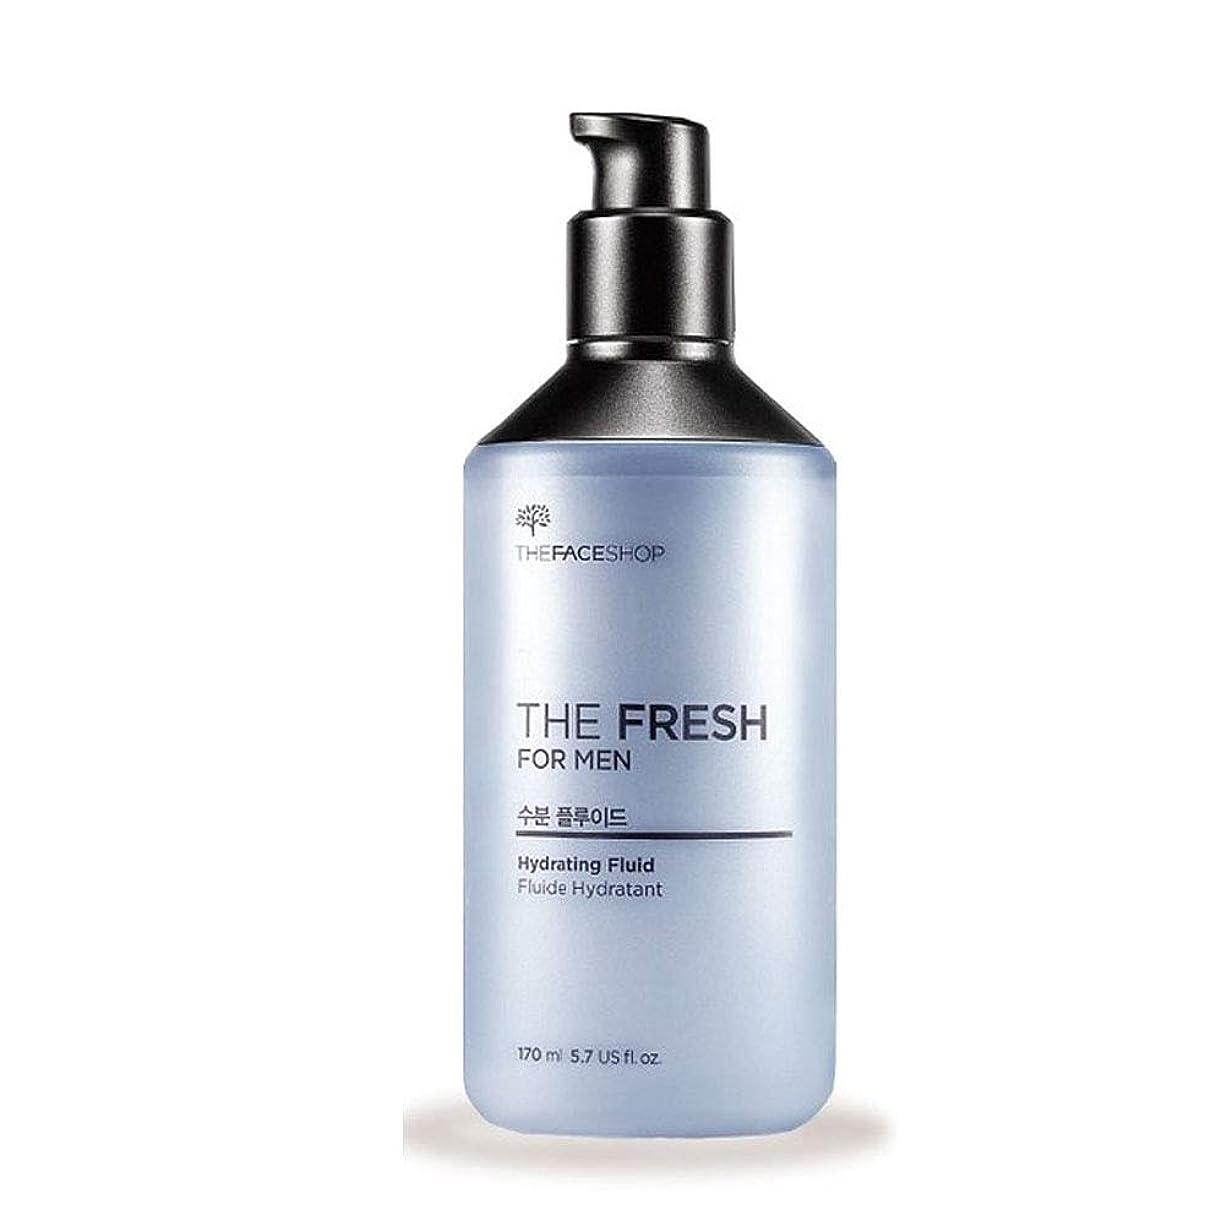 パイロット狂った許すザ?フェイスショップザ?フレッシュフォーマン水分?プルルイドゥ170mlのメンズコスメ、The Face Shop The Fresh For Men Hydrating Fluid 170ml Men's Cosmetics [並行輸入品]